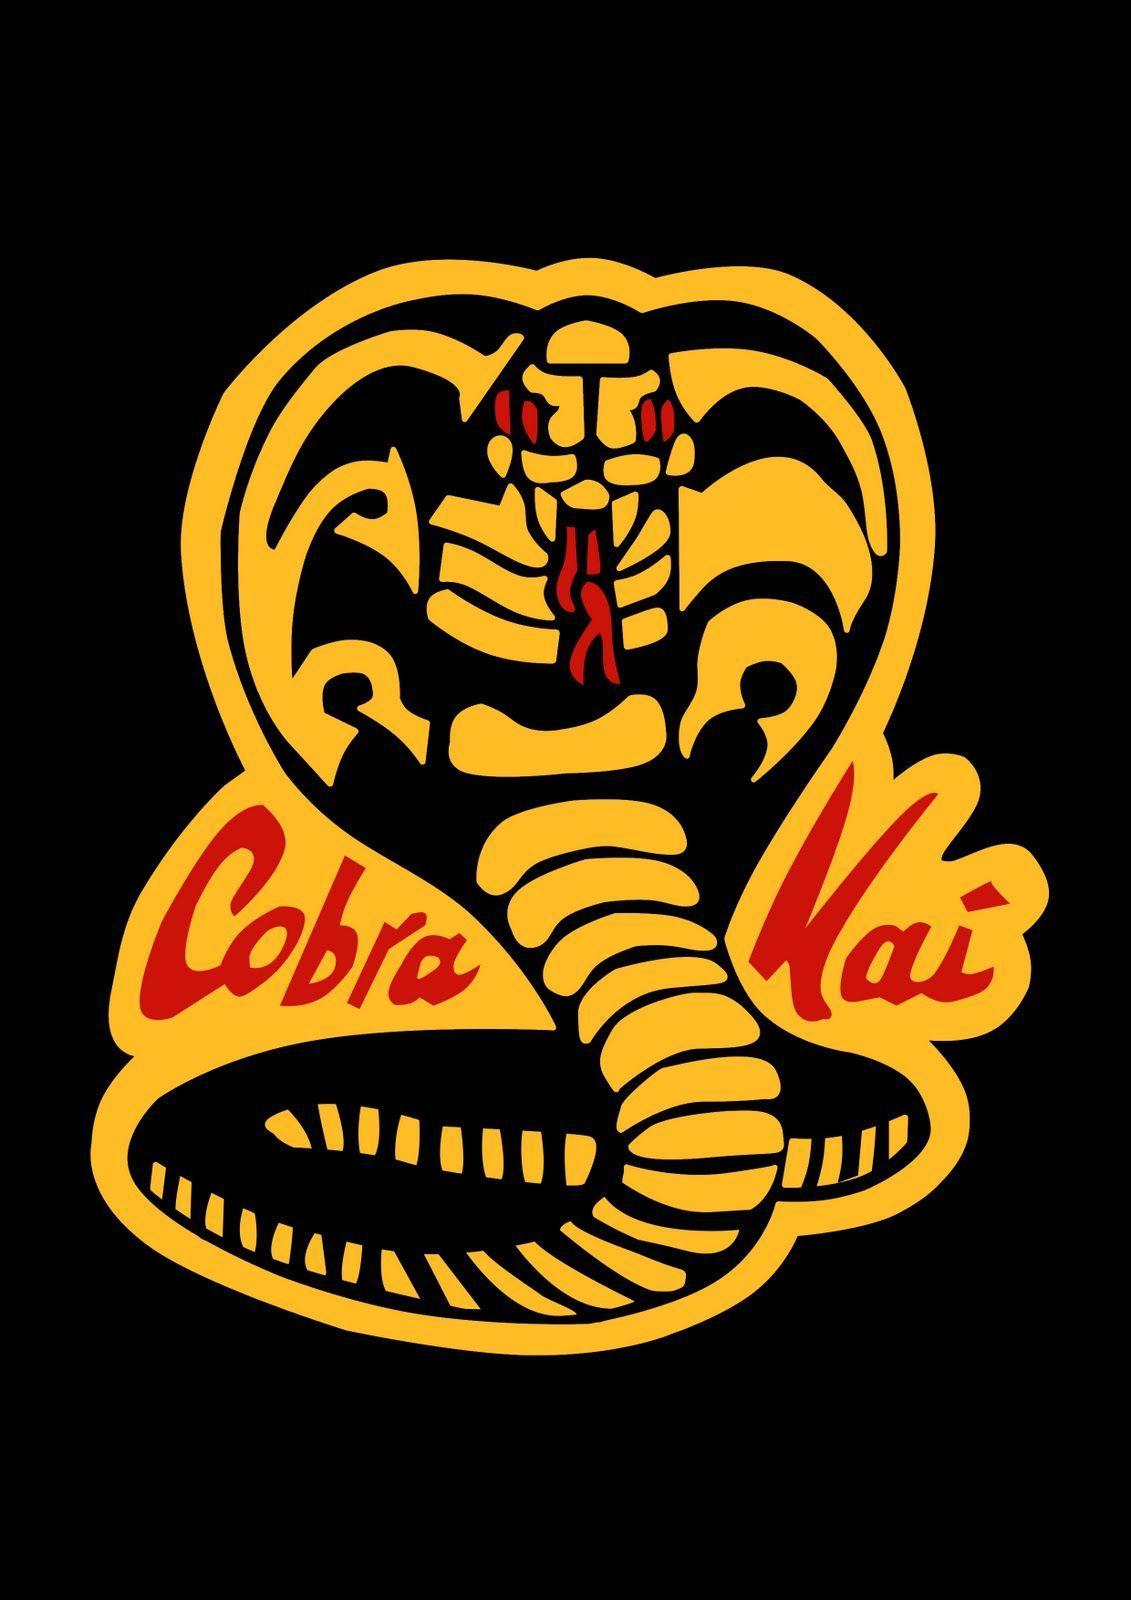 Cobra Kai Wallpapers - Wallpaper Cave